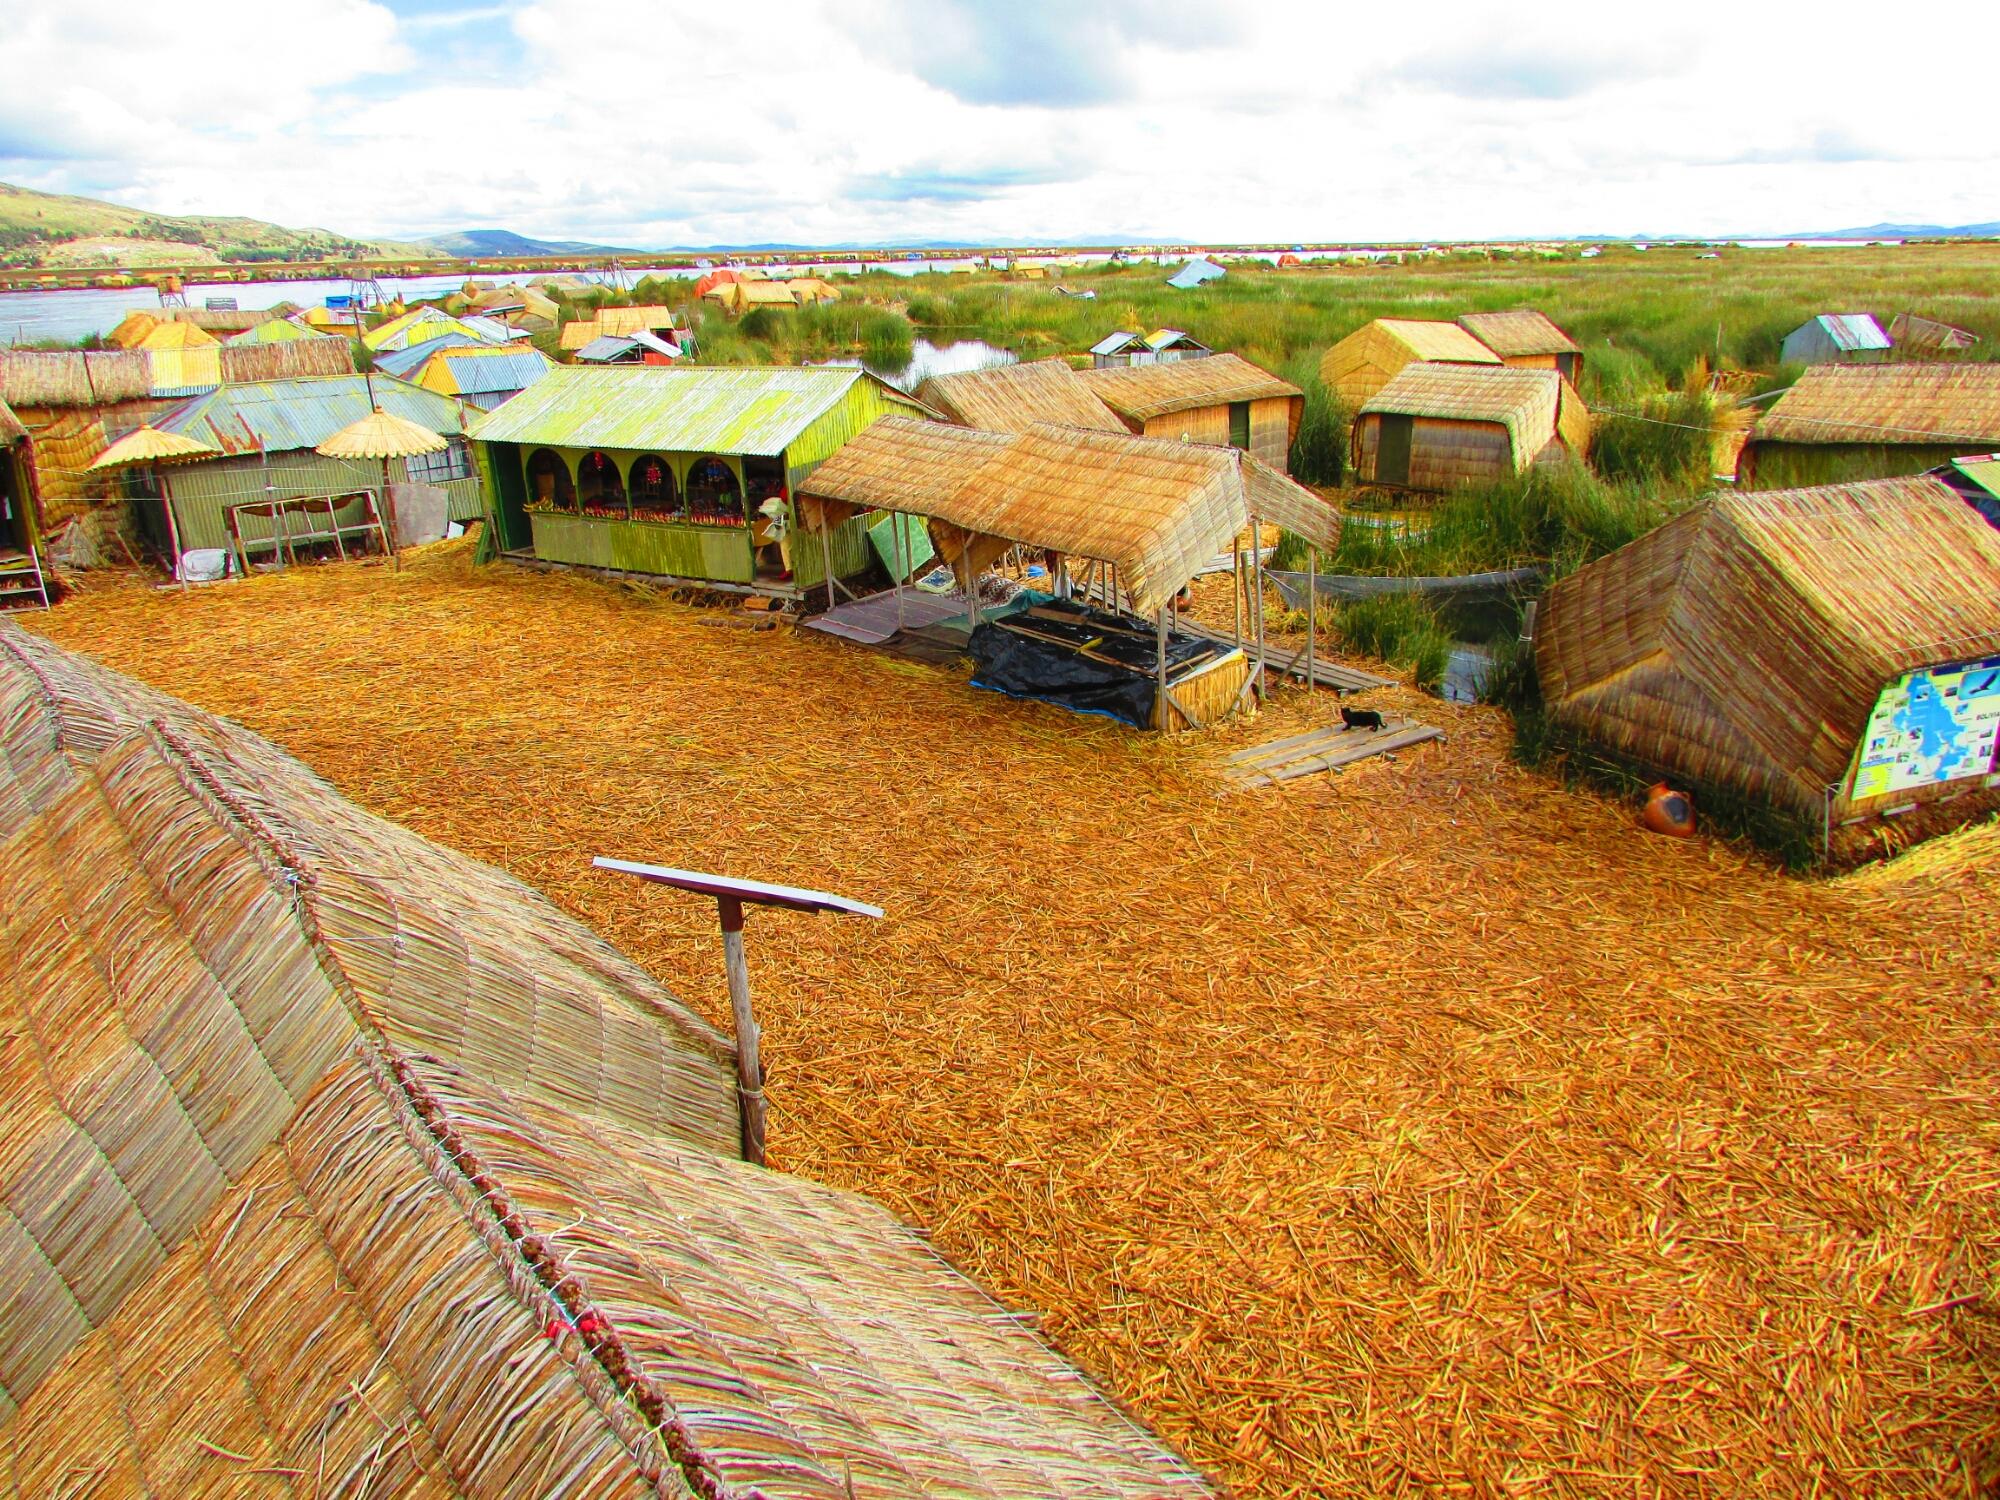 aldea tradicional en islas Uros en el Lago Titicaca